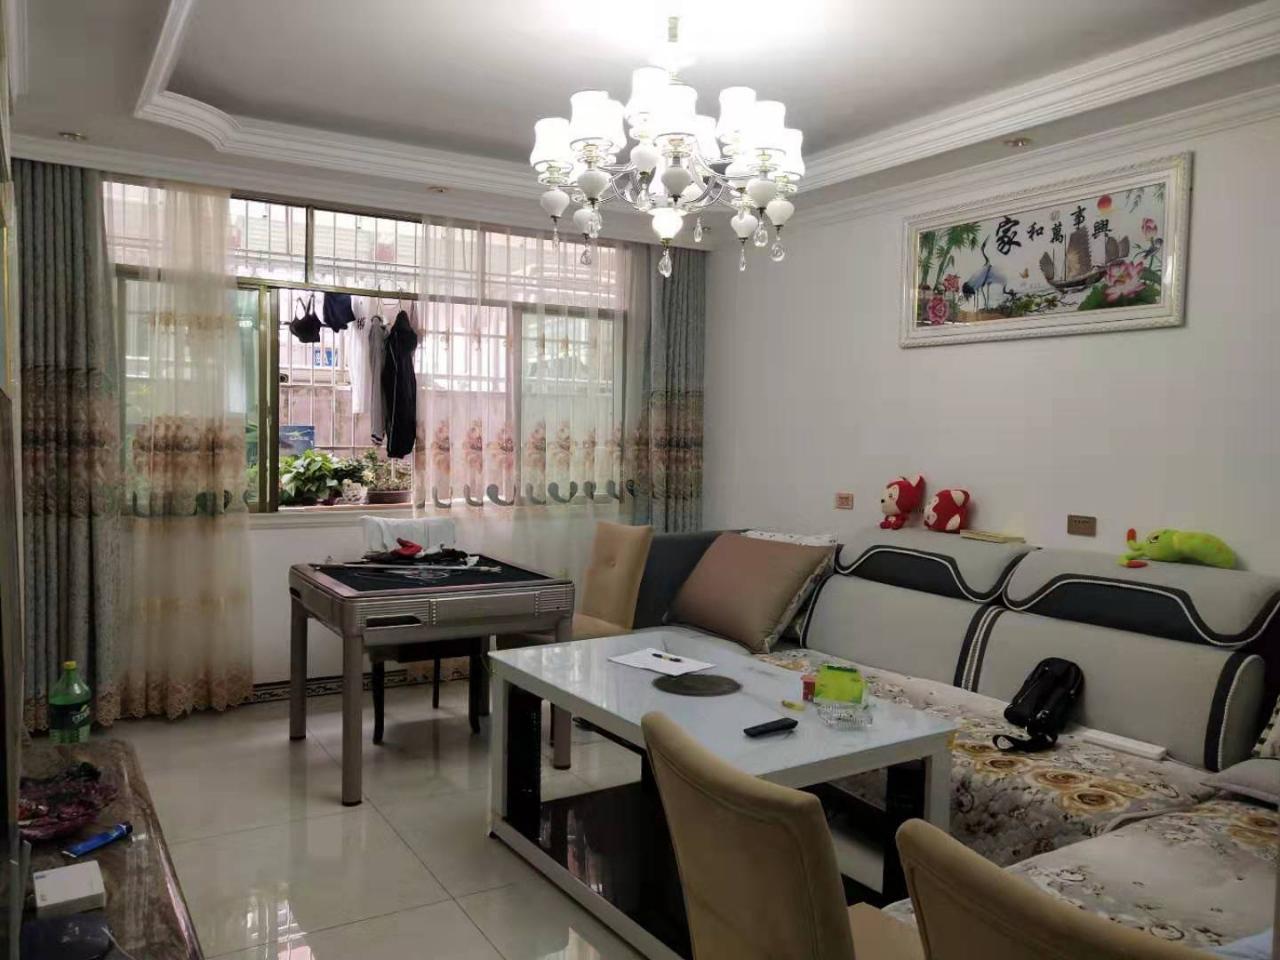 开阳县望城坡小区3室 2厅 1卫2.8万元